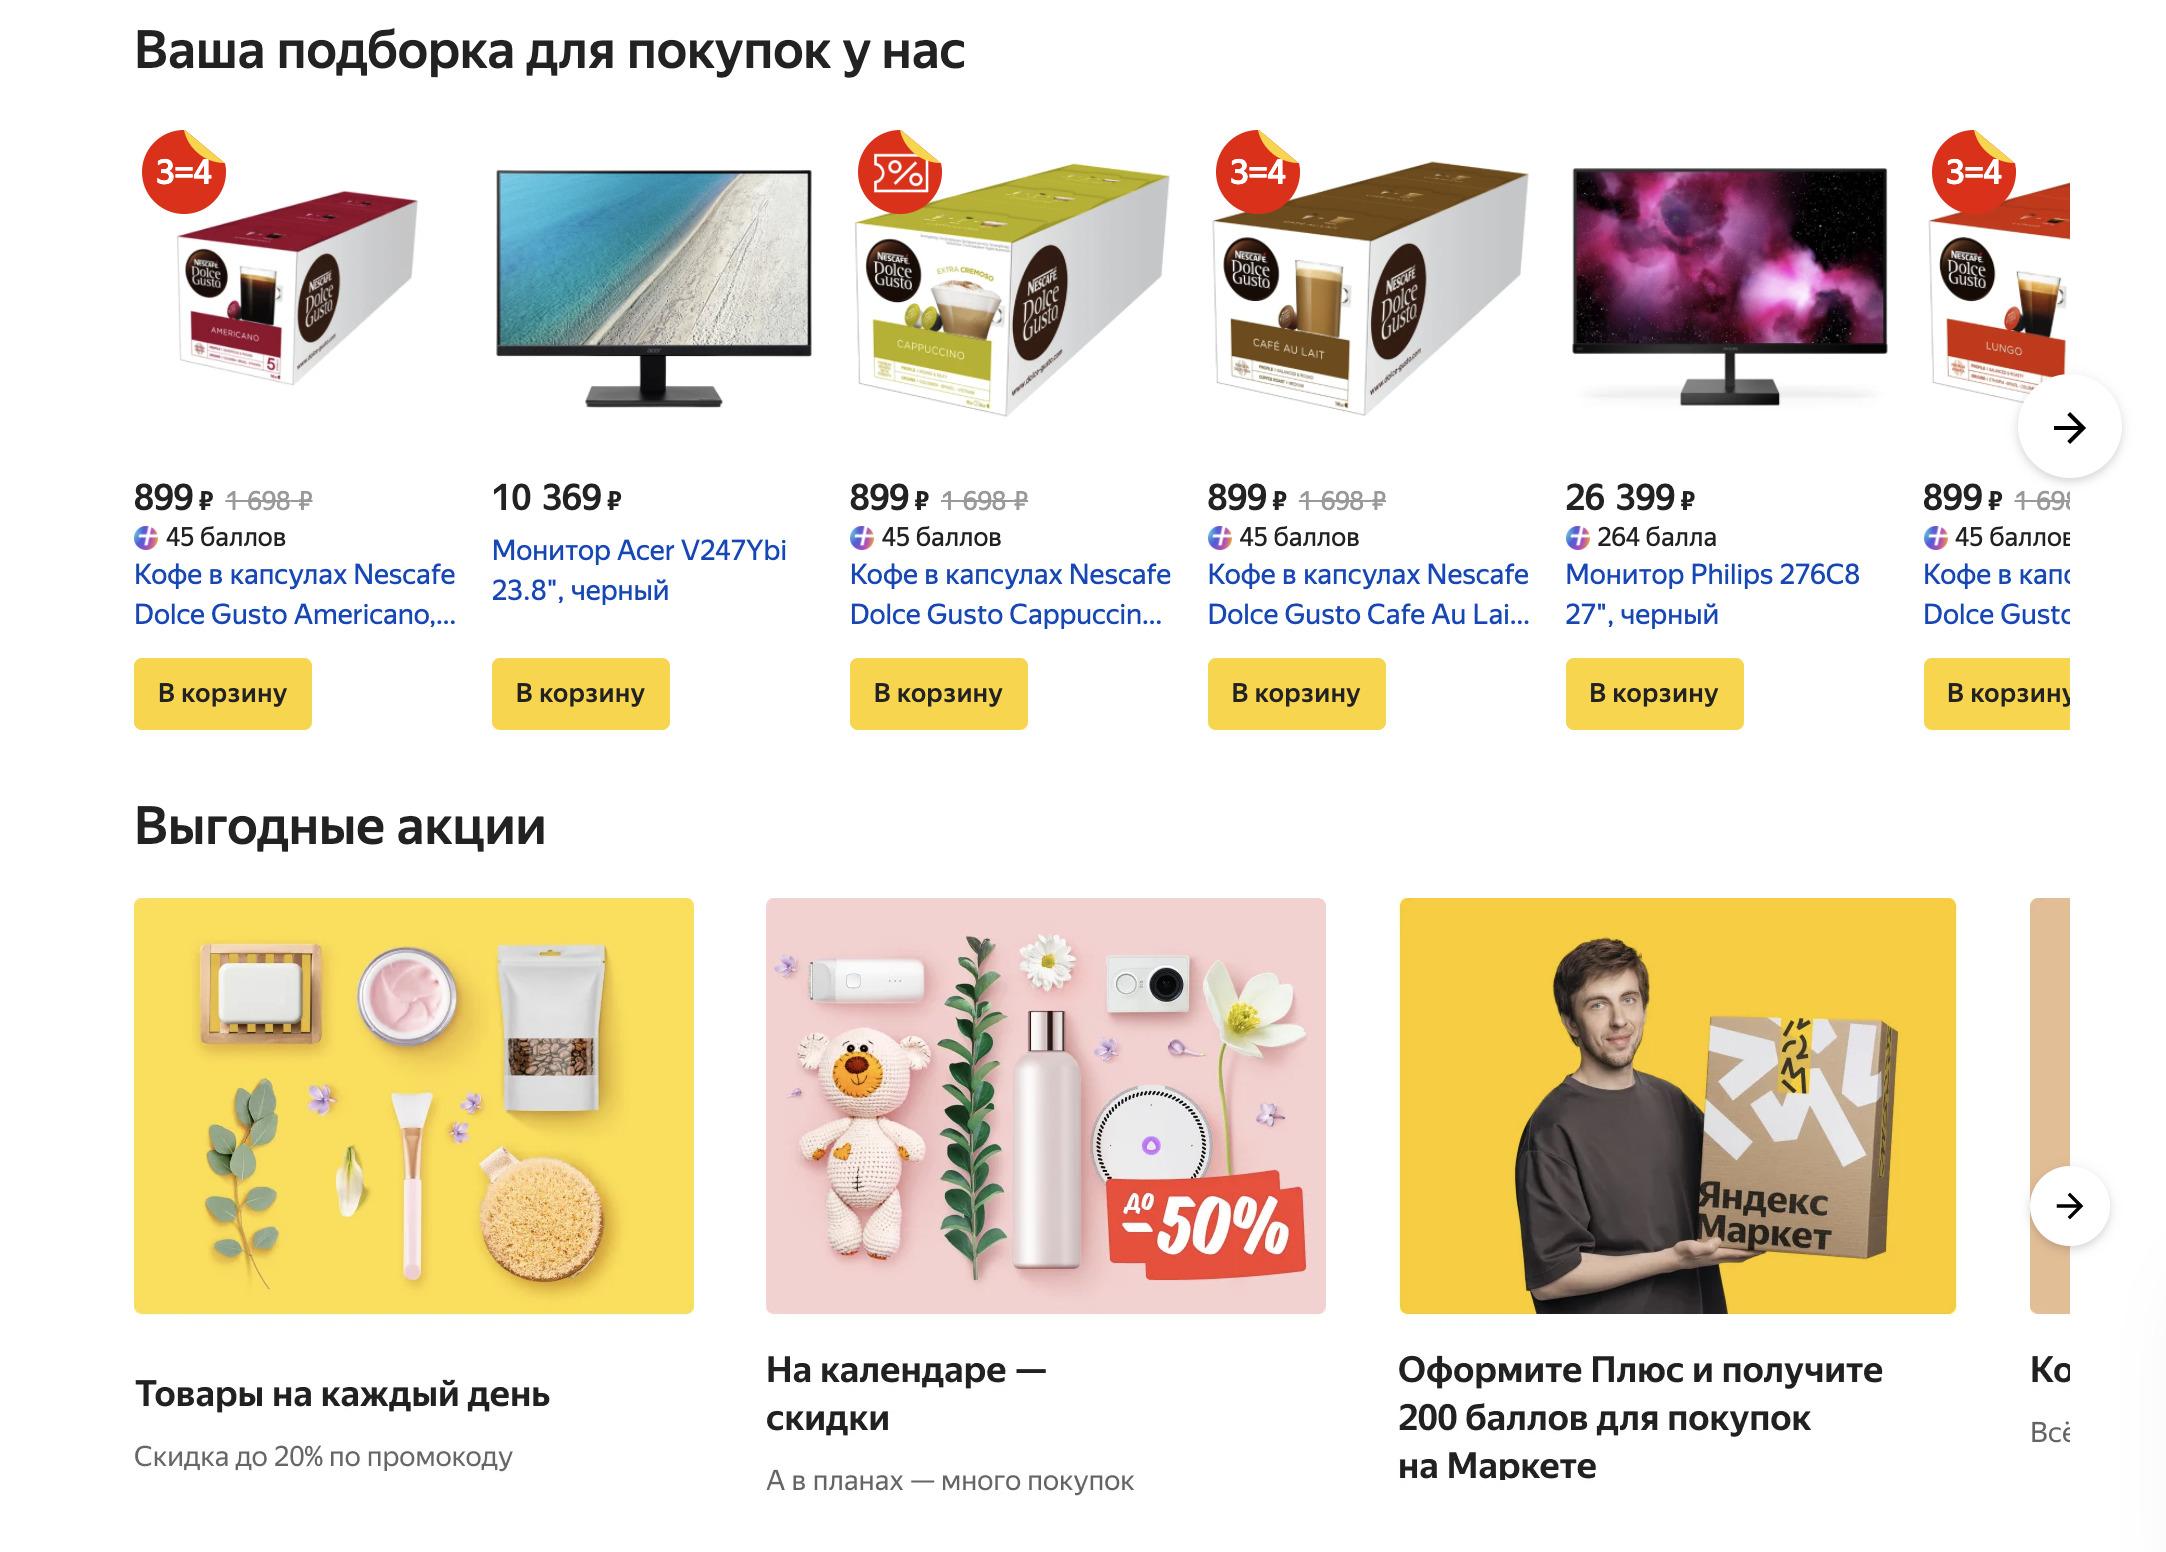 Доставка из Яндекс.Маркет в Чувашскую Республику - Чувашия, сроки, пункты выдачи, каталог